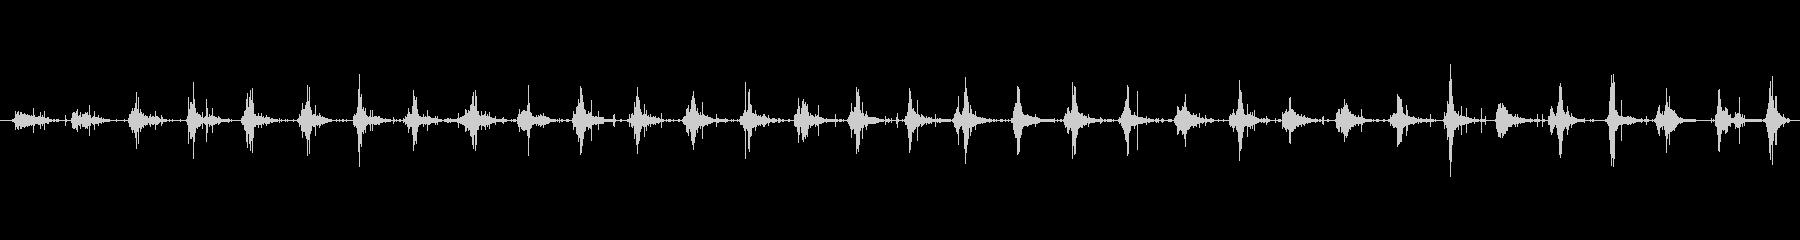 ステップ グラスウォーク01の未再生の波形